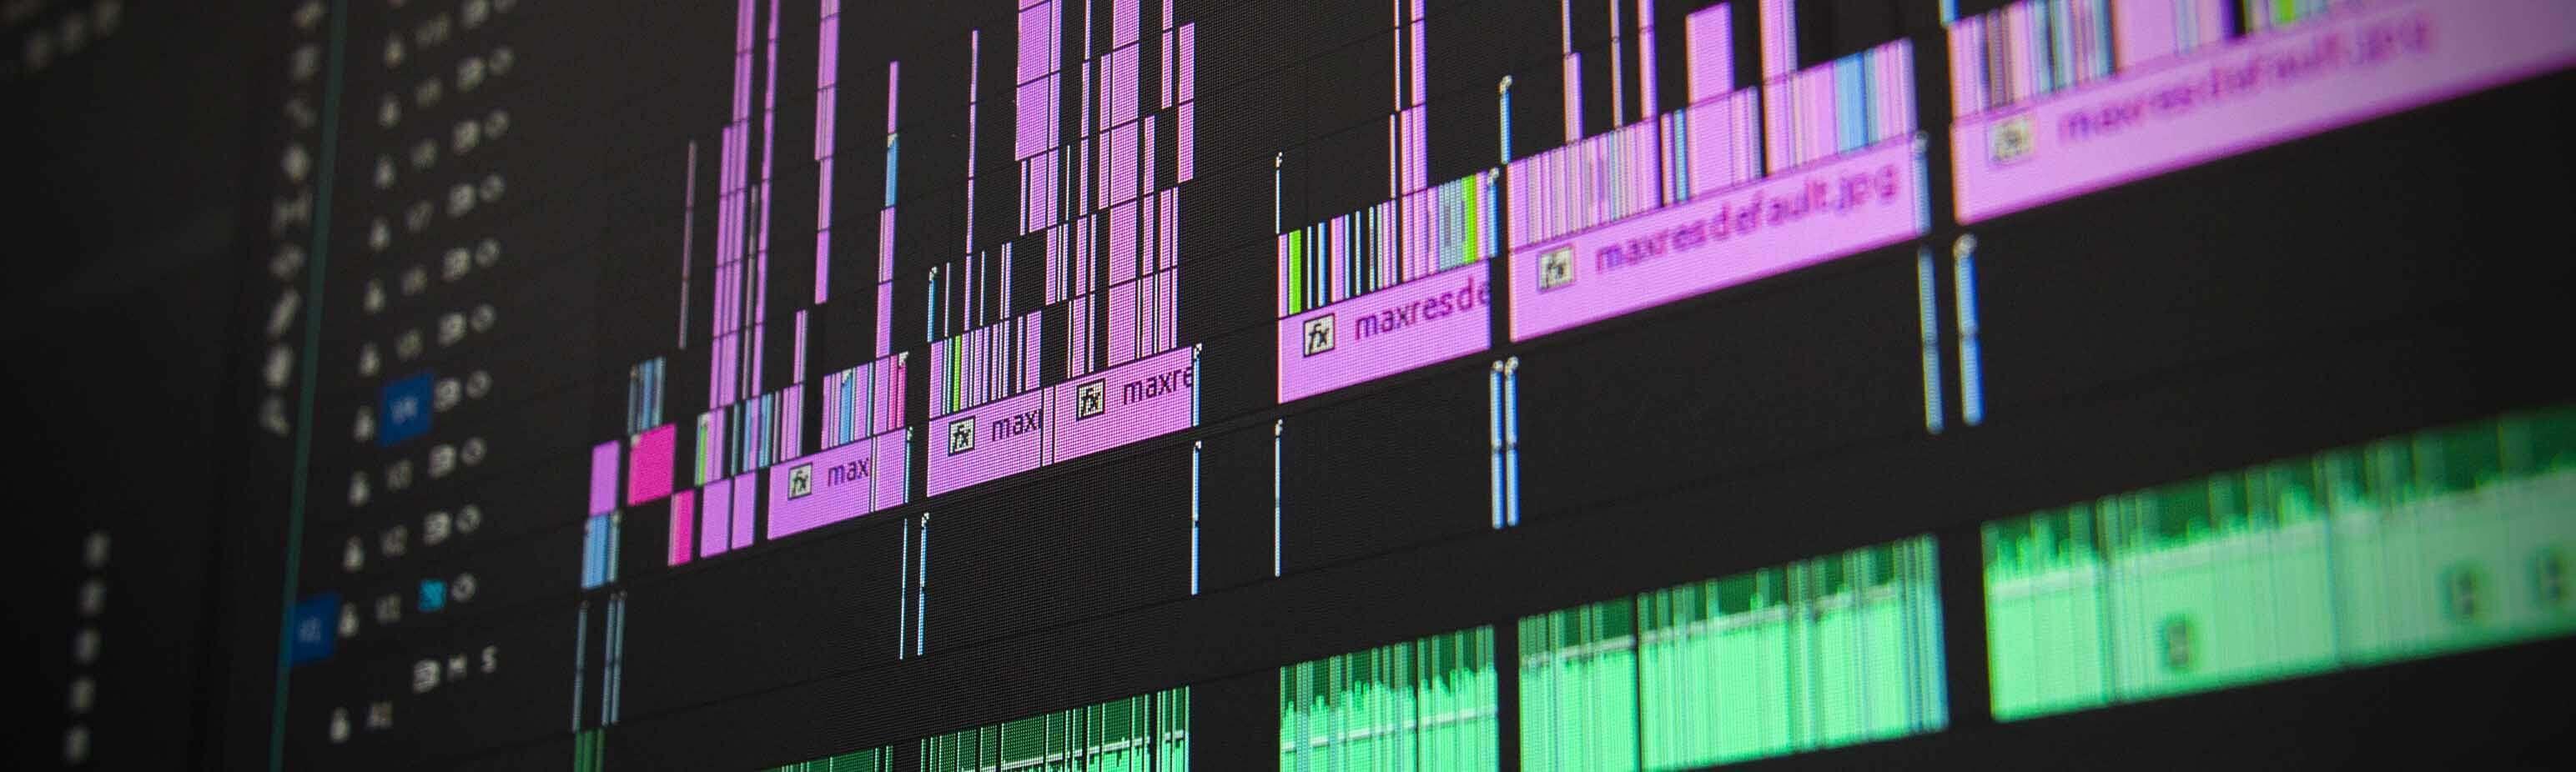 Videoproduktion und Videoschnitt